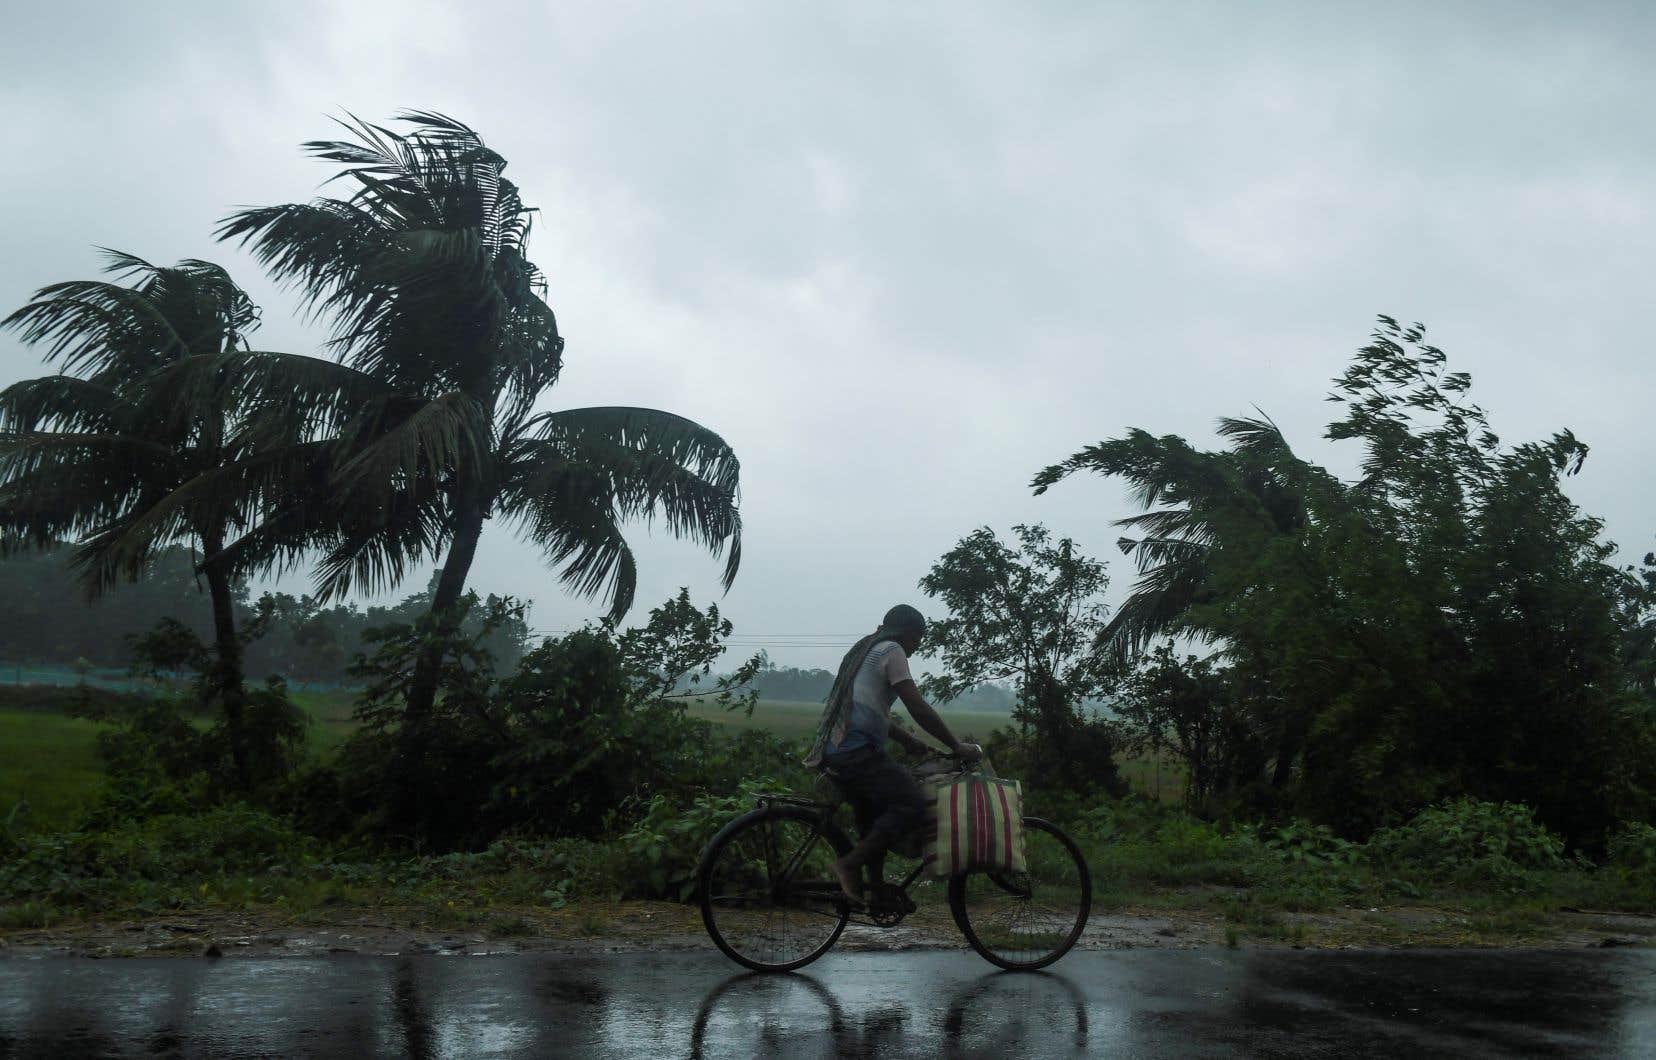 <p>Malgré la perte de puissance du cyclone ces dernières heures à mesure qu'il approche des côtes, les autorités indiennes et bangladaises s'attendent à d'immenses dégâts matériels.</p>